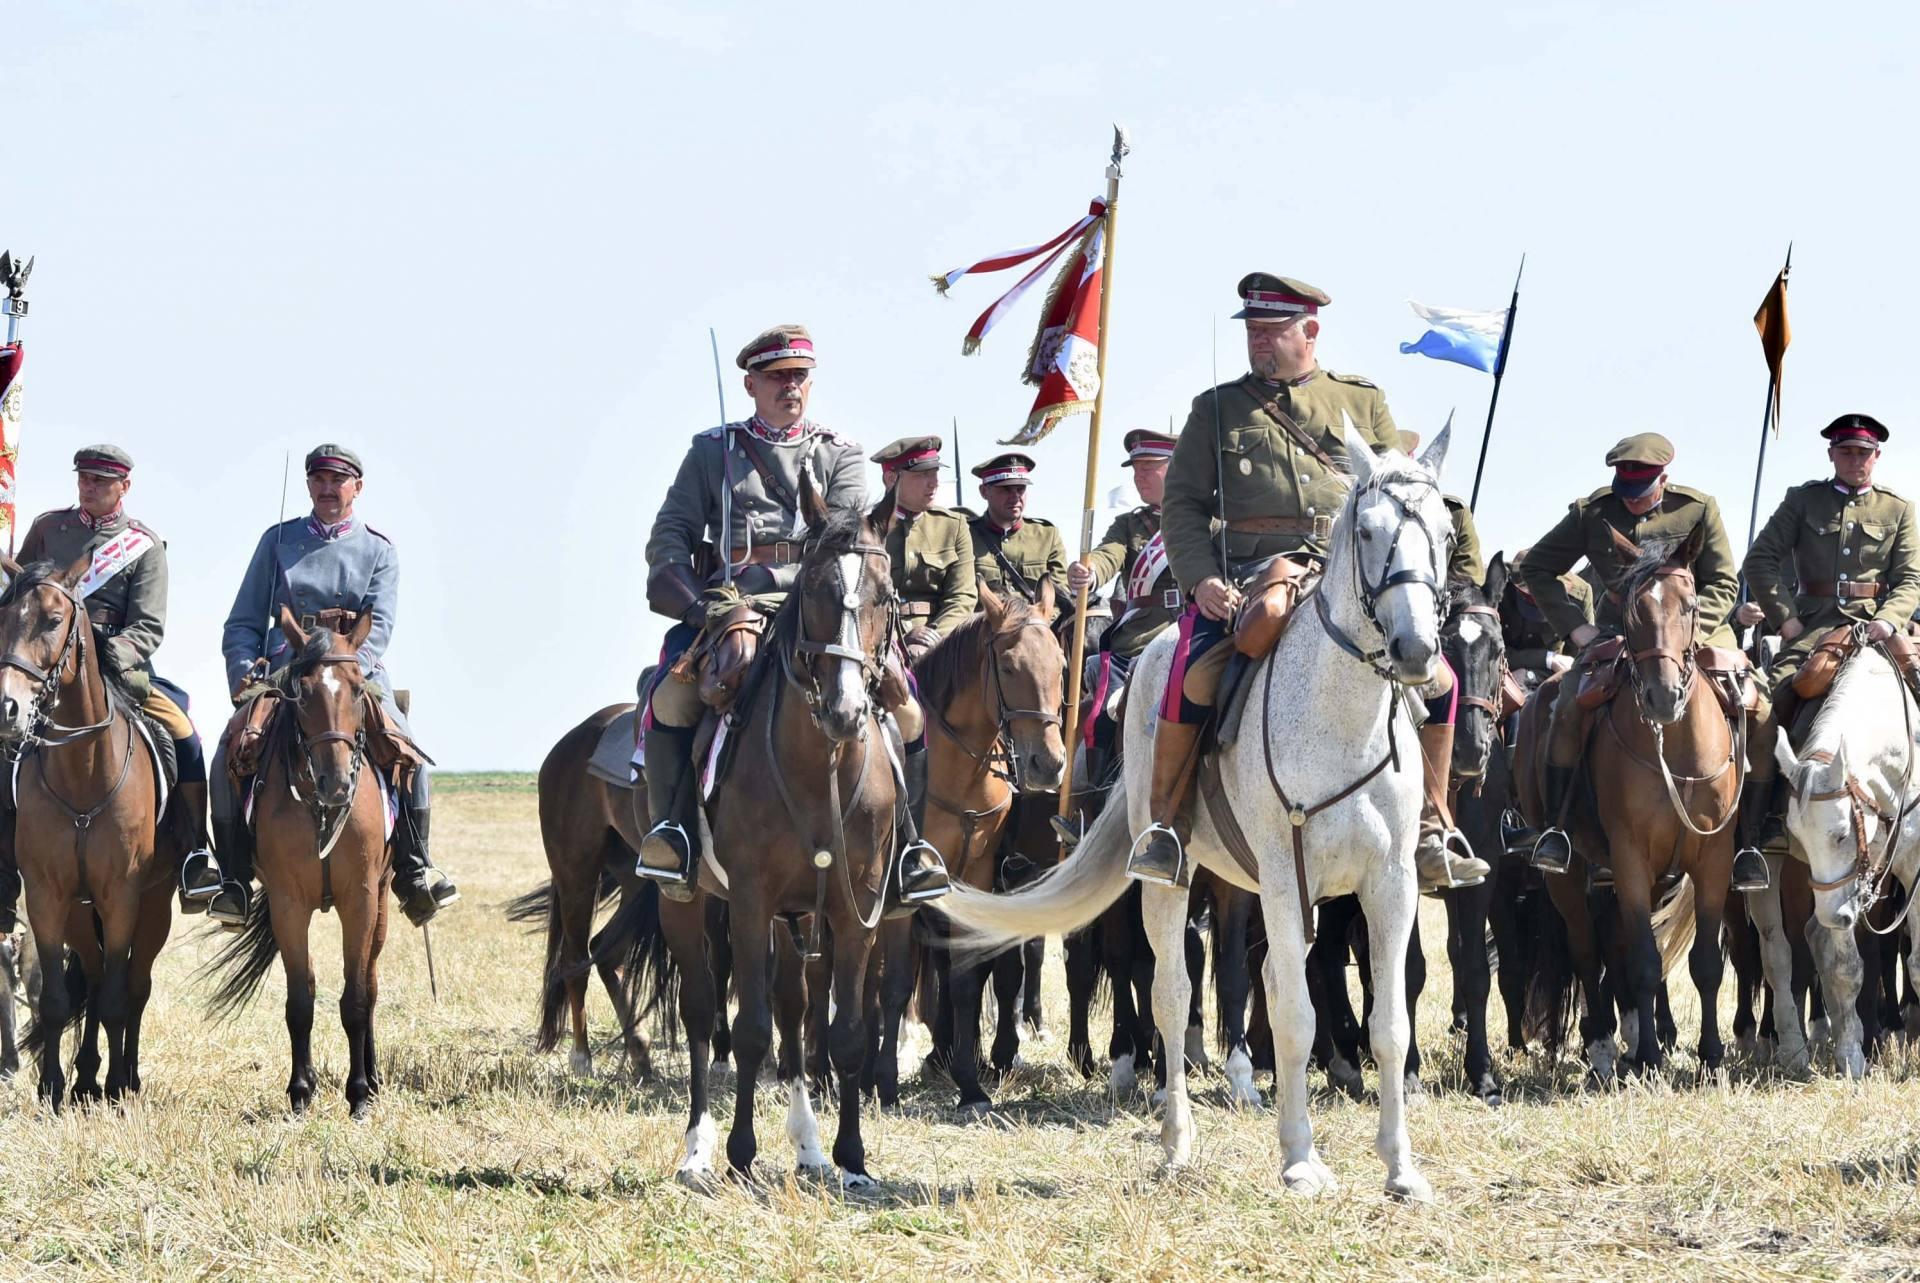 dsc 0529 Czas szabli - 100 rocznica bitwy pod Komarowem(zdjęcia)